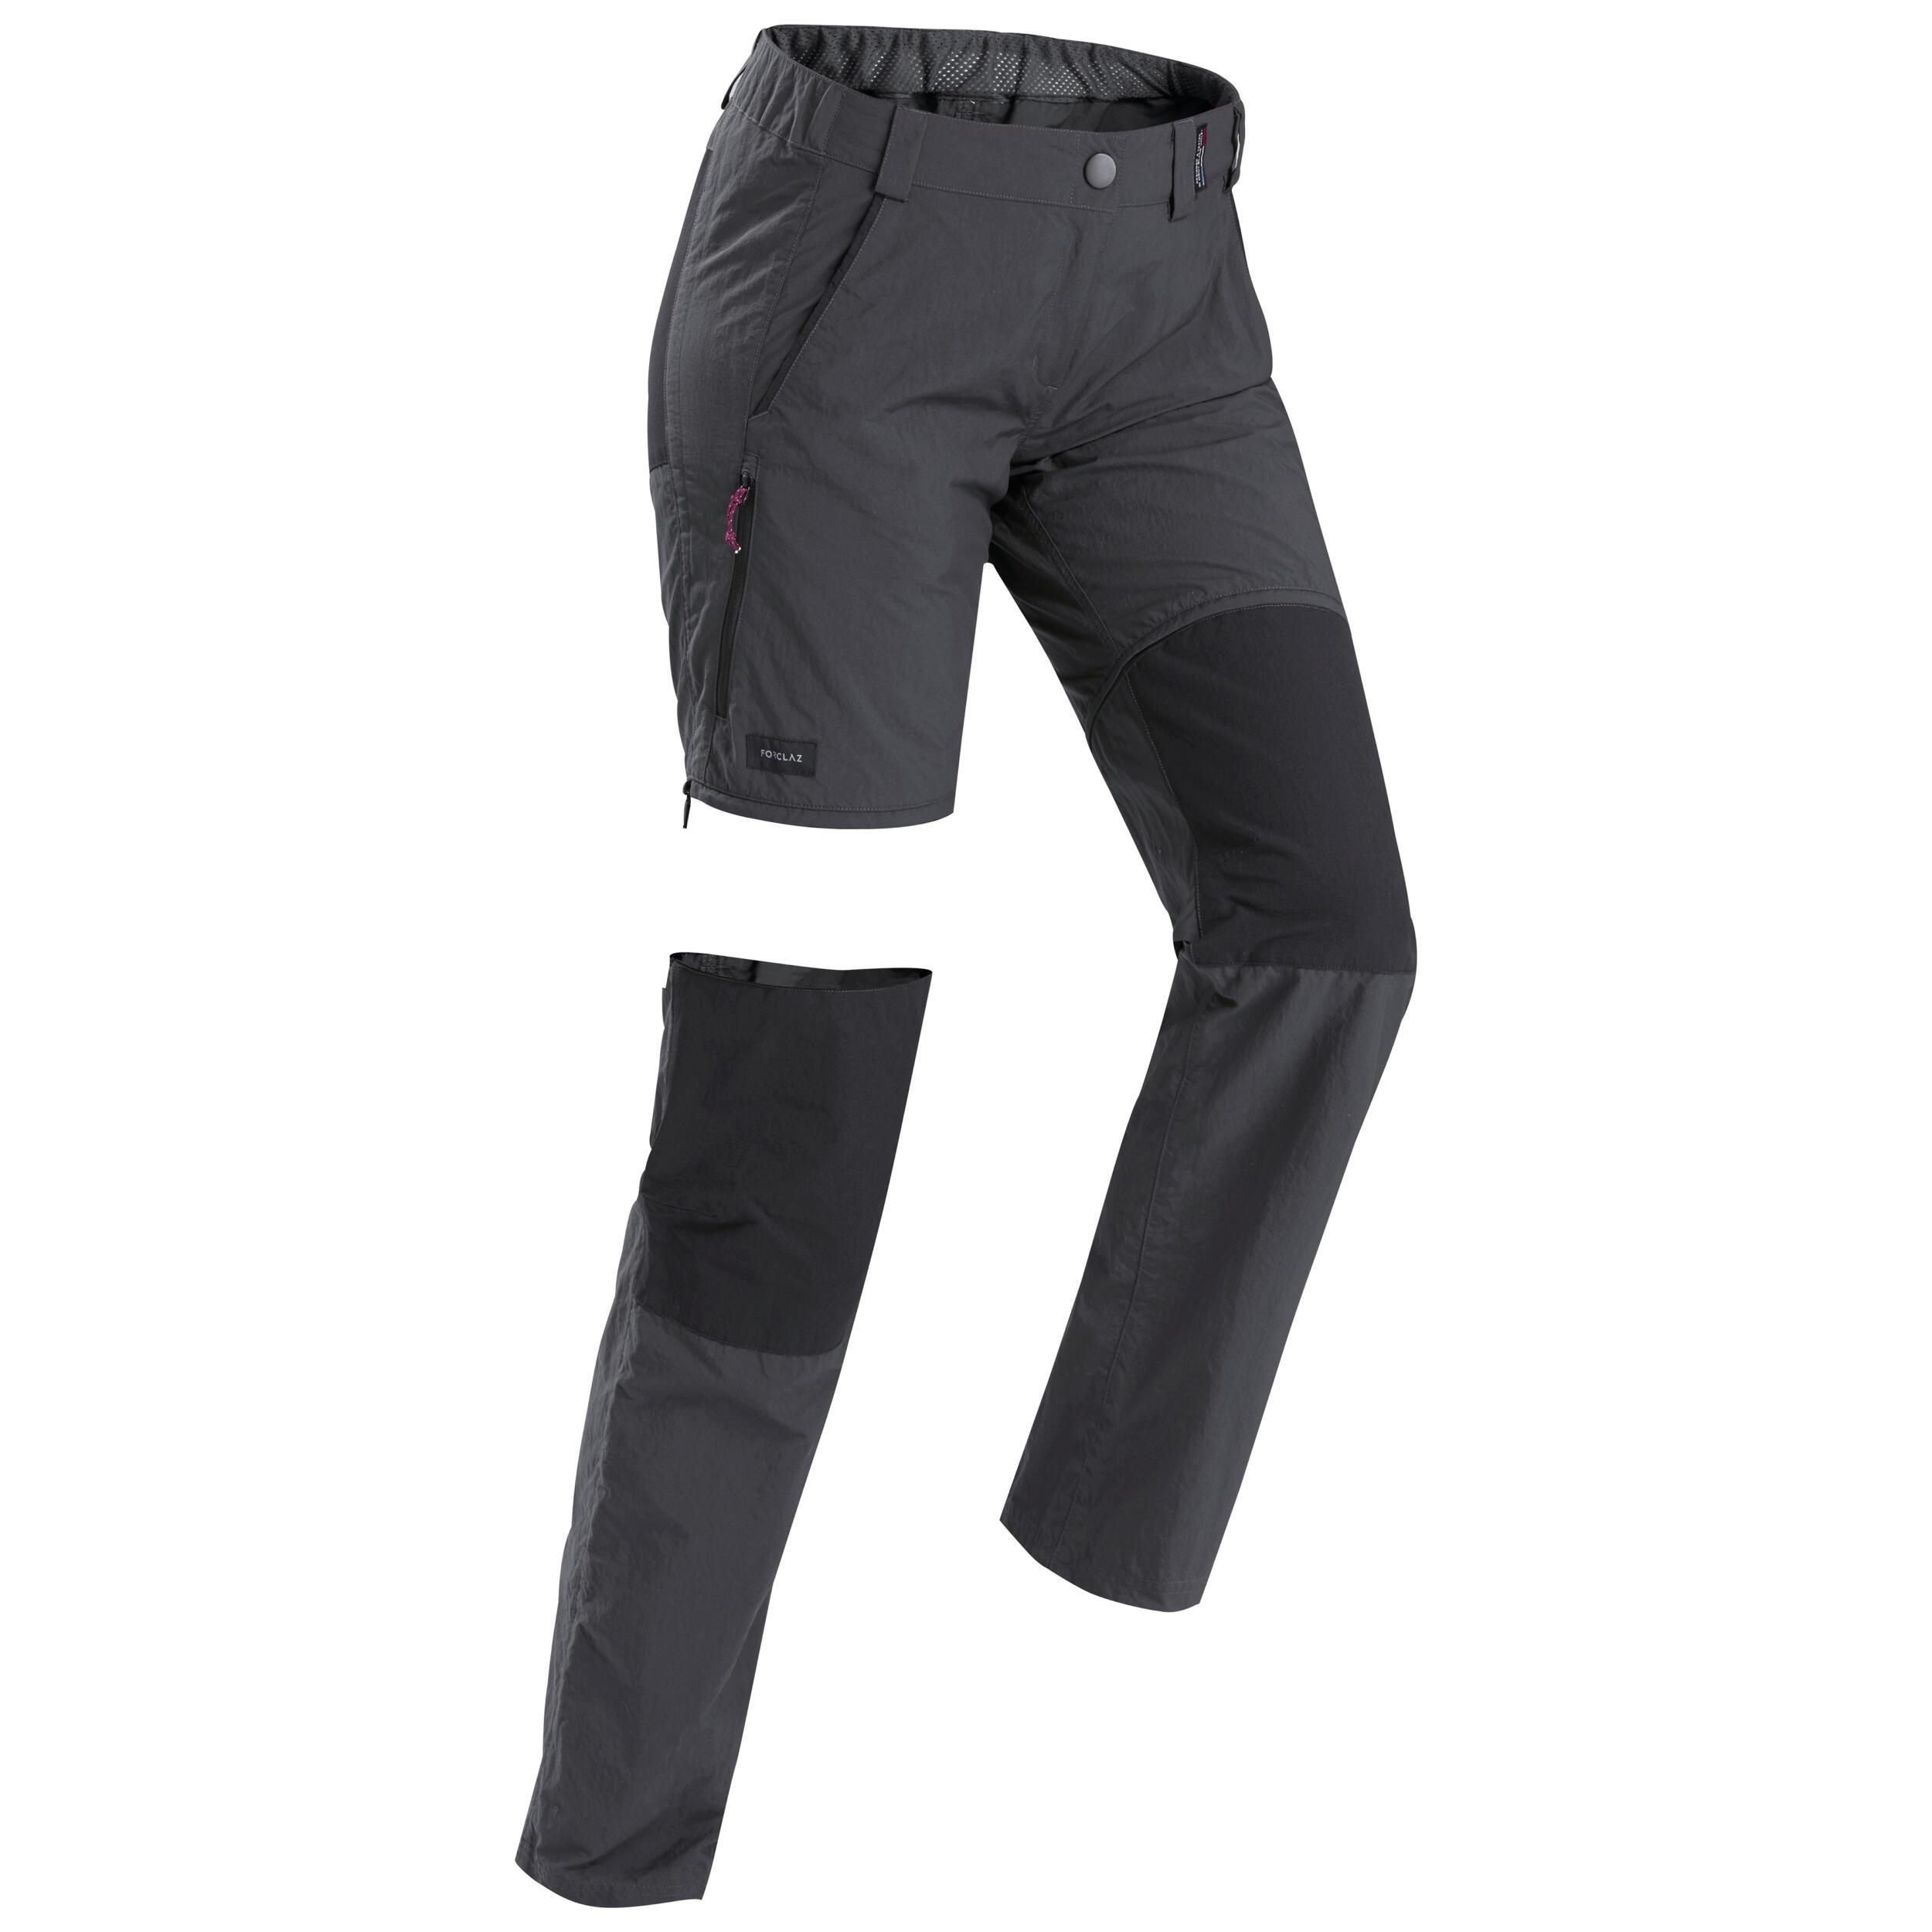 Pantalon Modulabil Trek 100 imagine